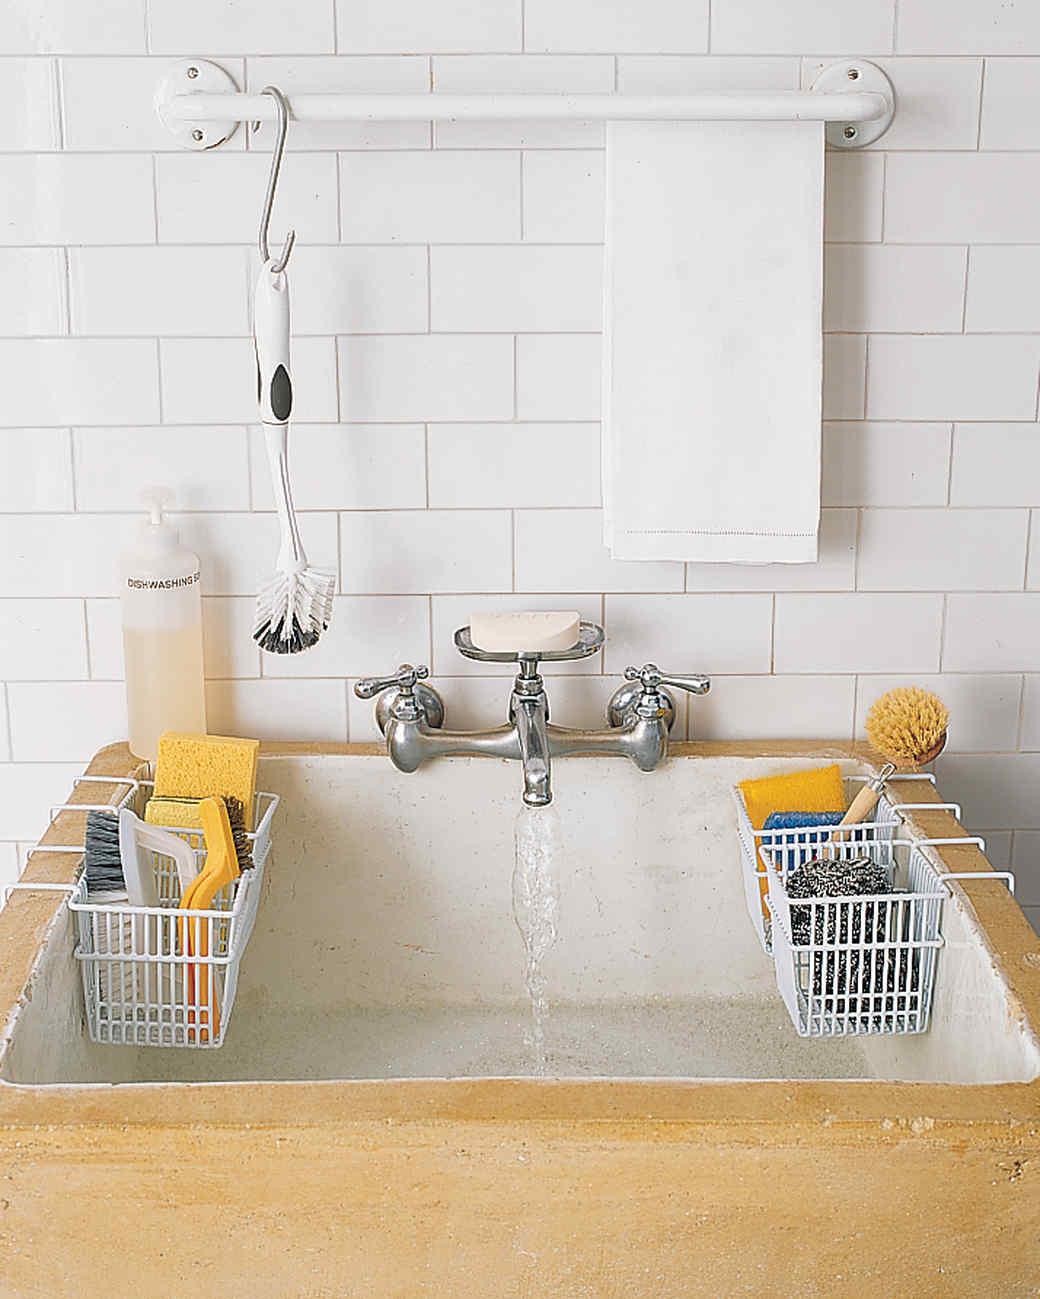 sink-2-mla102284.jpg